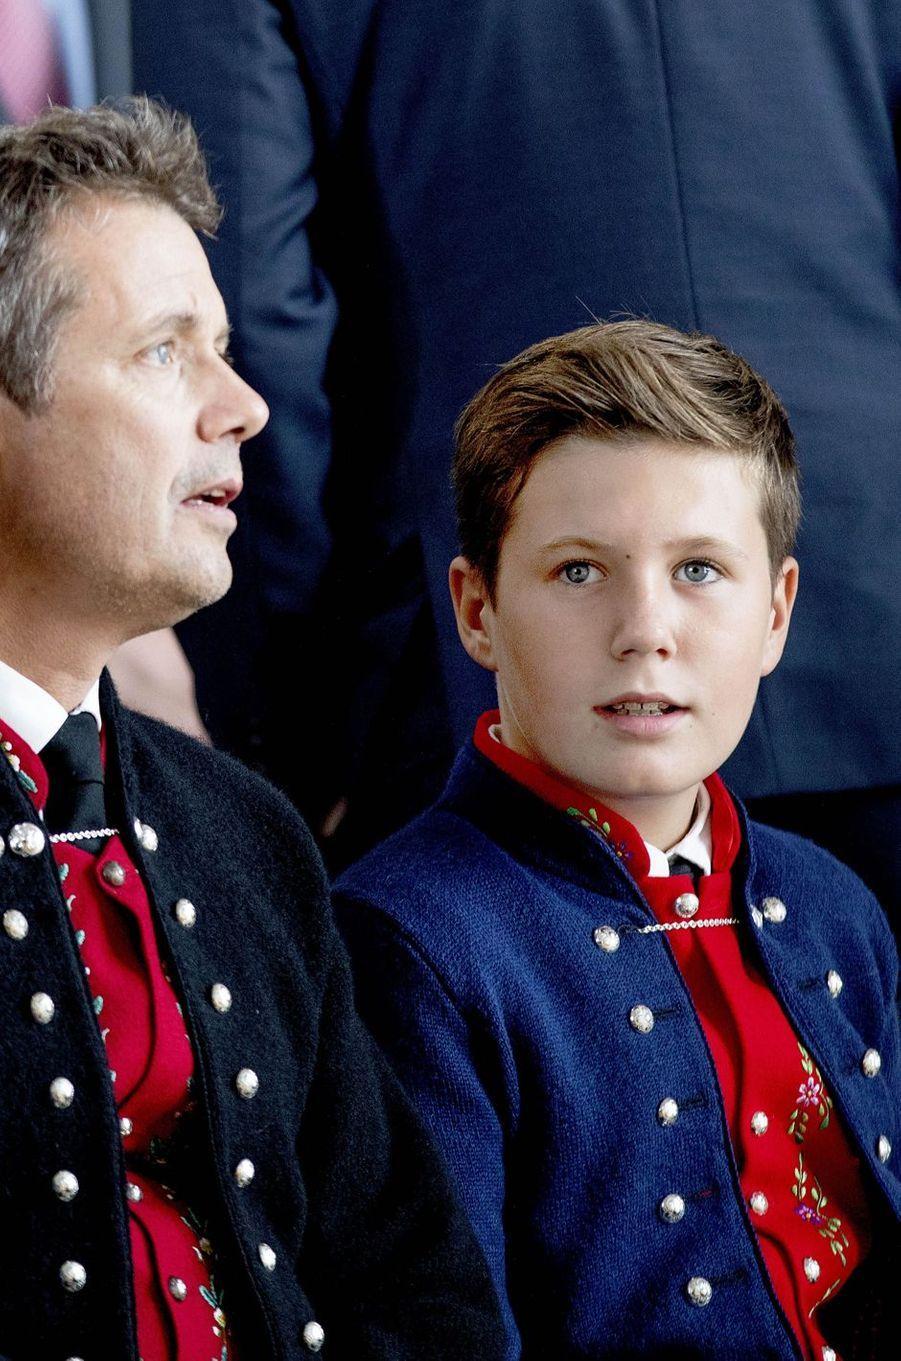 Les princes Frederik et Christian de Danemark aux îles Féroé, le 23 août 2018